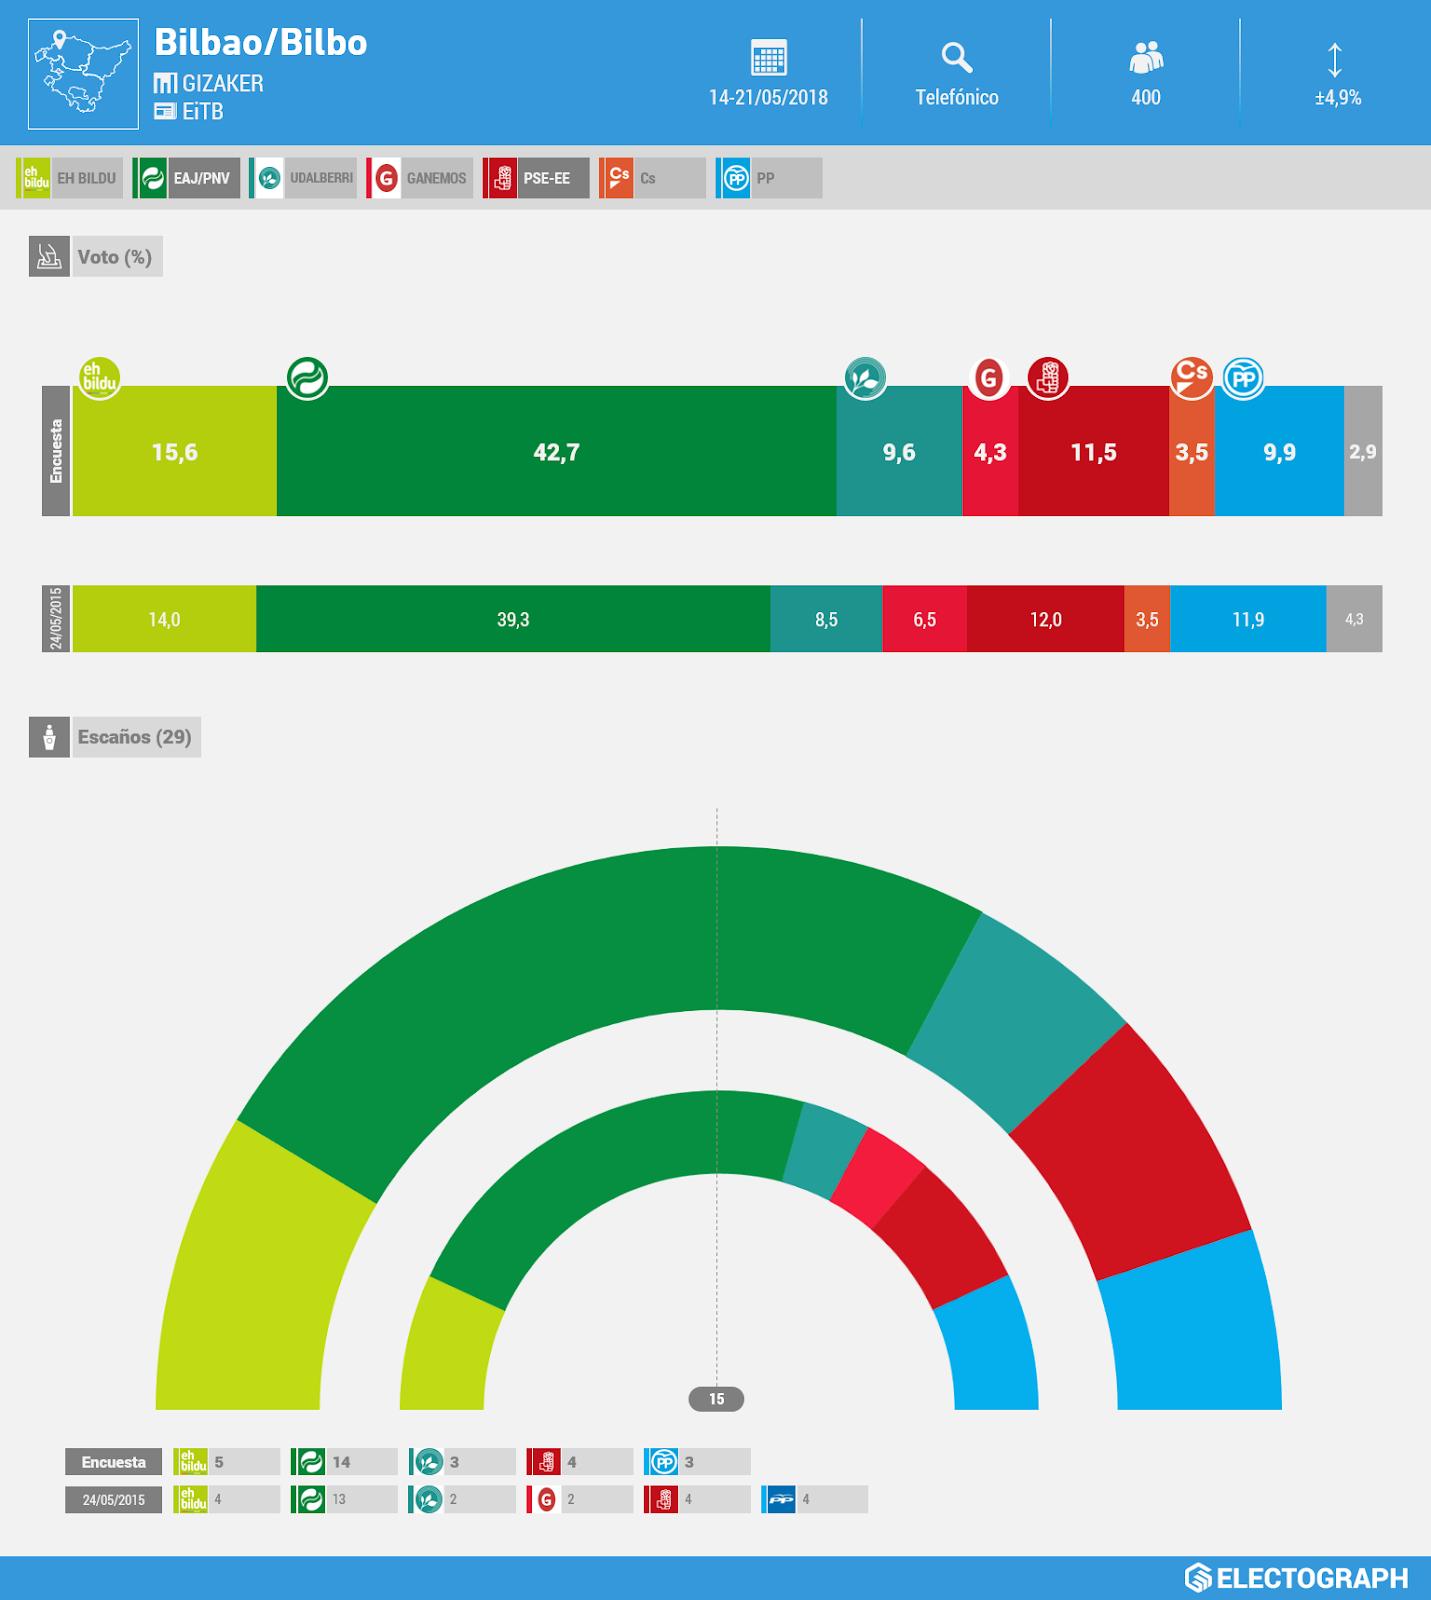 Gráfico de la encuesta para elecciones municipales en Bilbao realizada por Gizaker para EiTB en mayo de 2018